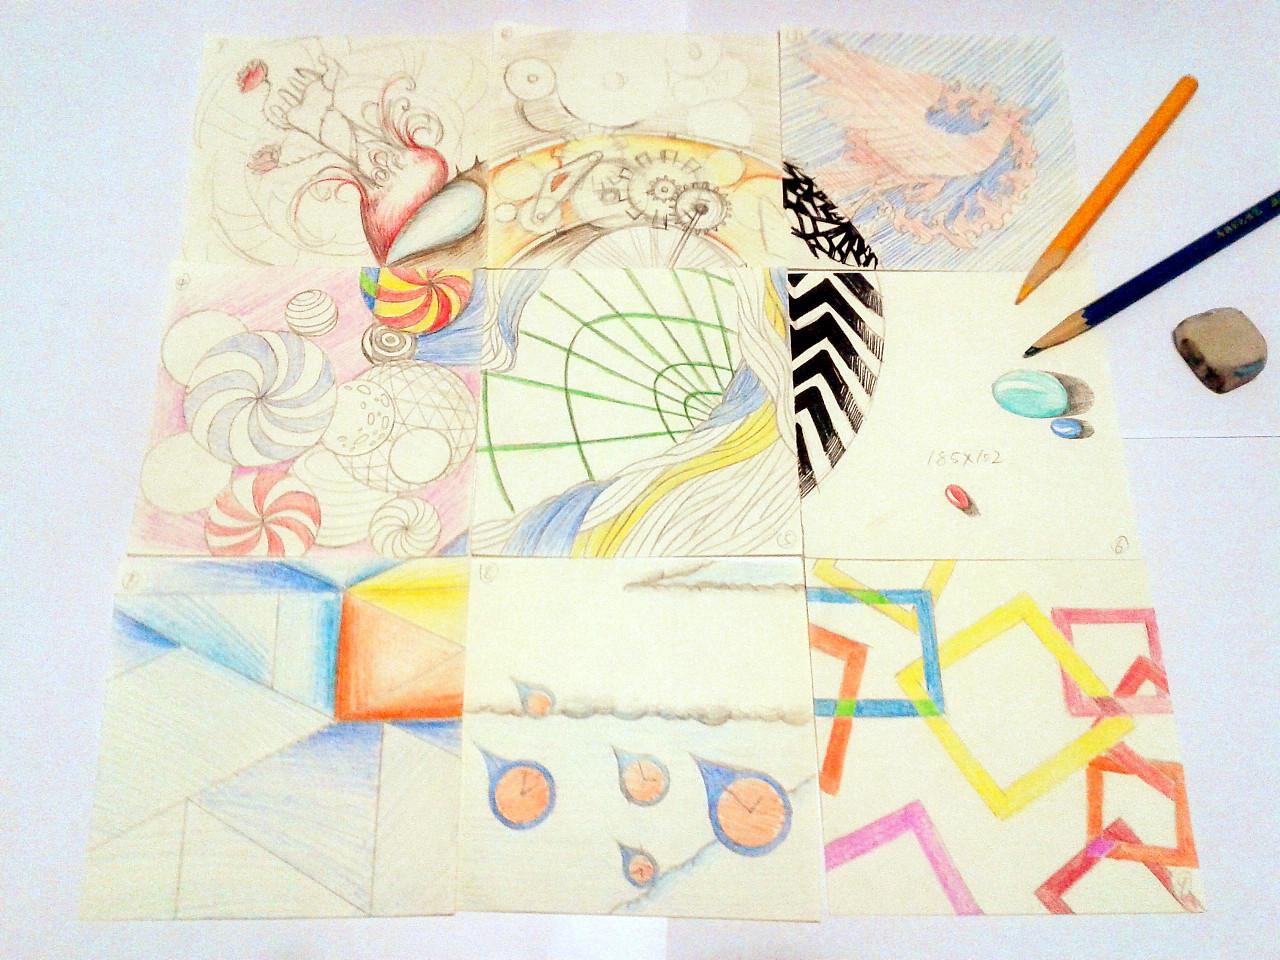 某文化公司2周年纪念明信片手绘设计